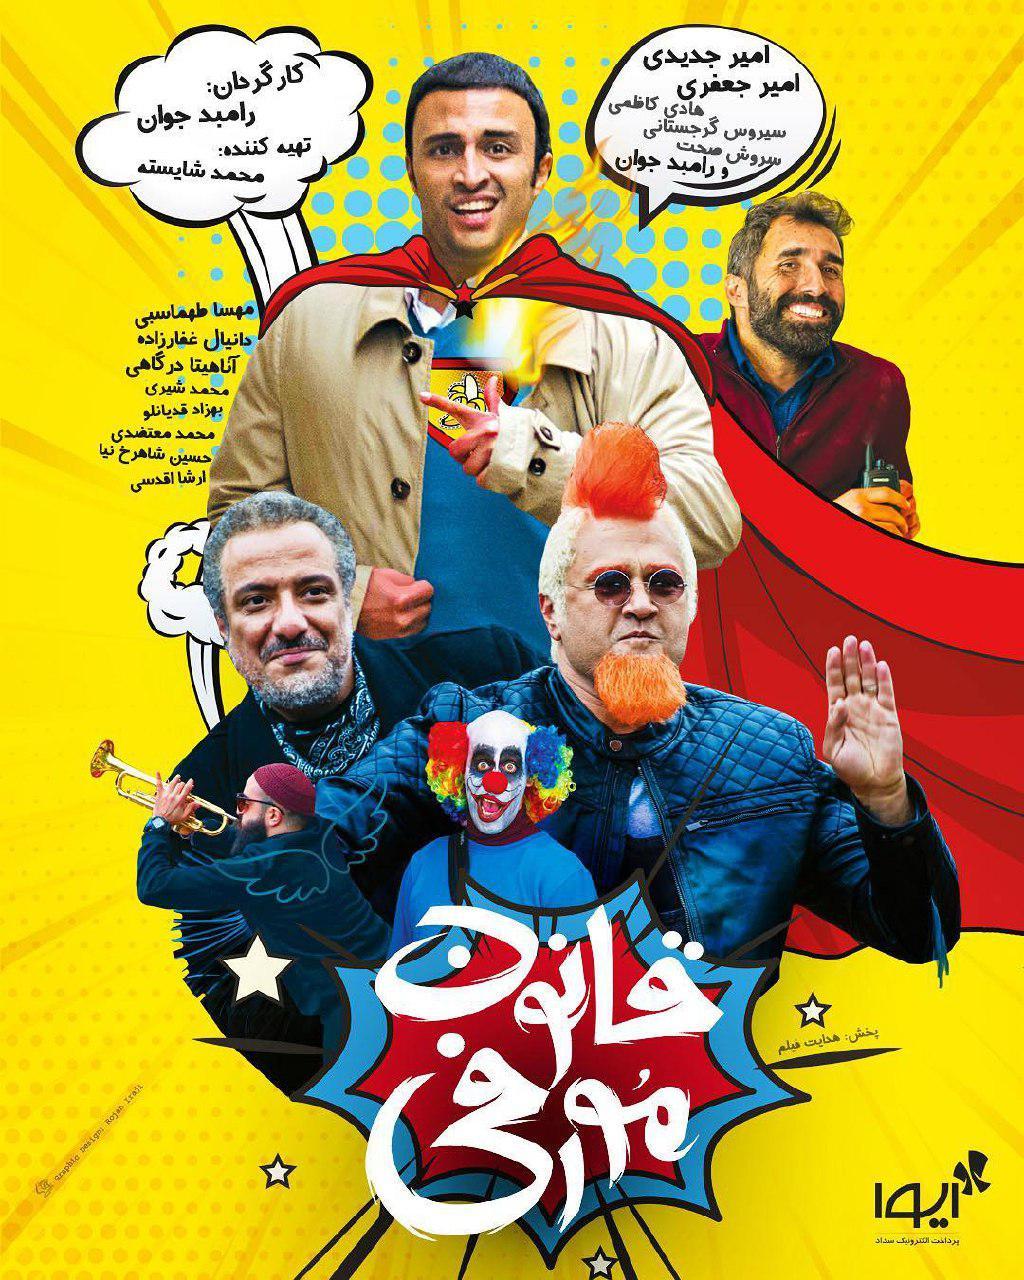 آغاز اکران «قانون مورفی» کمدی جدید رامبد جوان از چهارشنبه